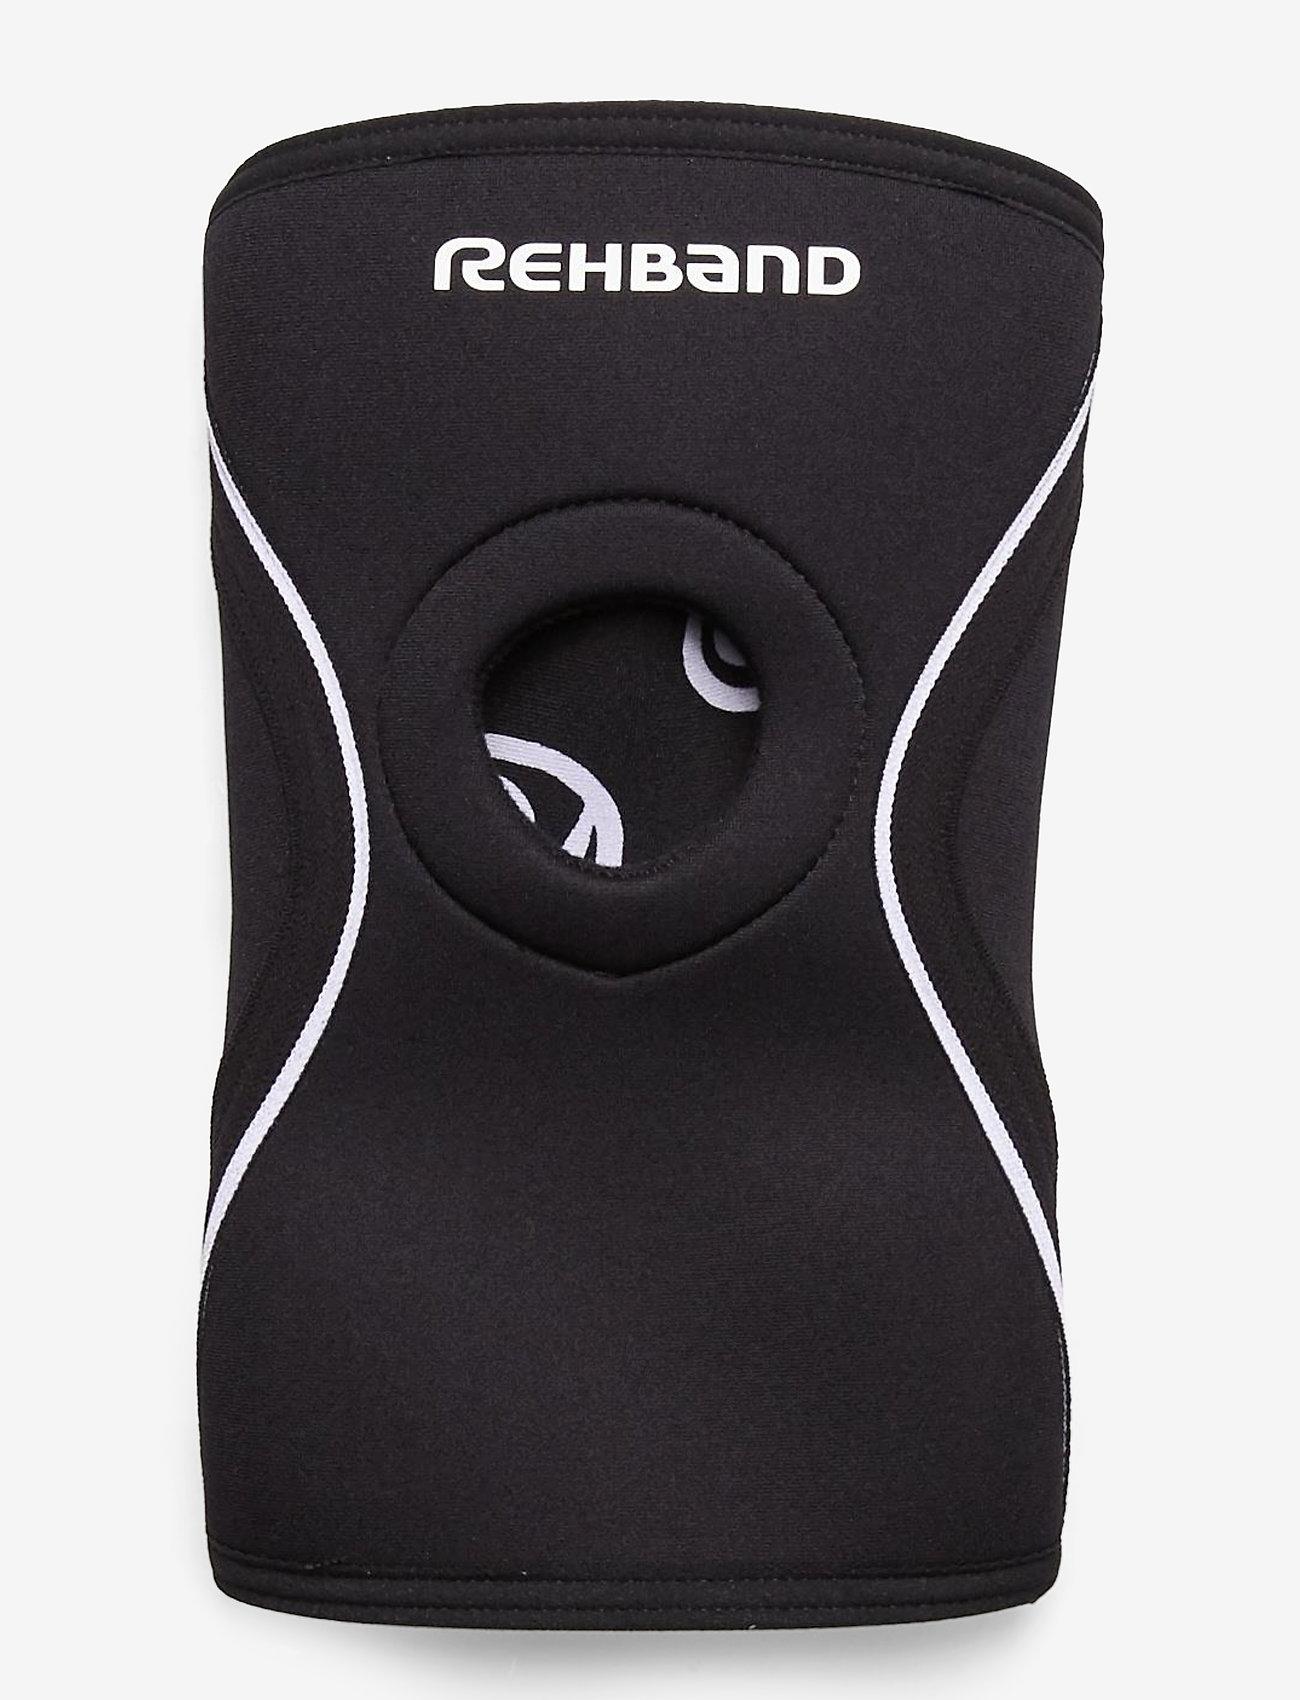 Rehband - UD Knee-Sleeve Patella Open 5mm - black - 1